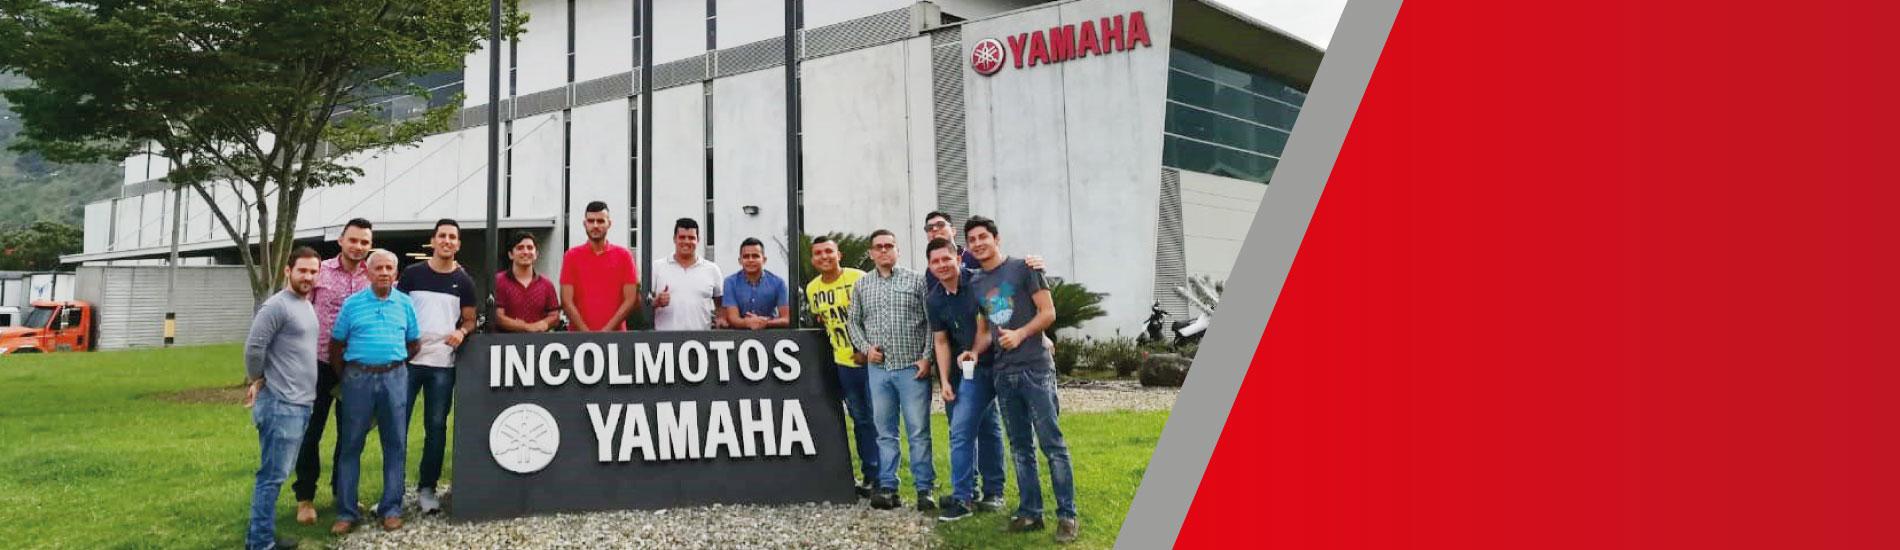 Estudiantes de Ingeniería Mecánica realizaron visita empresarial a Medellín